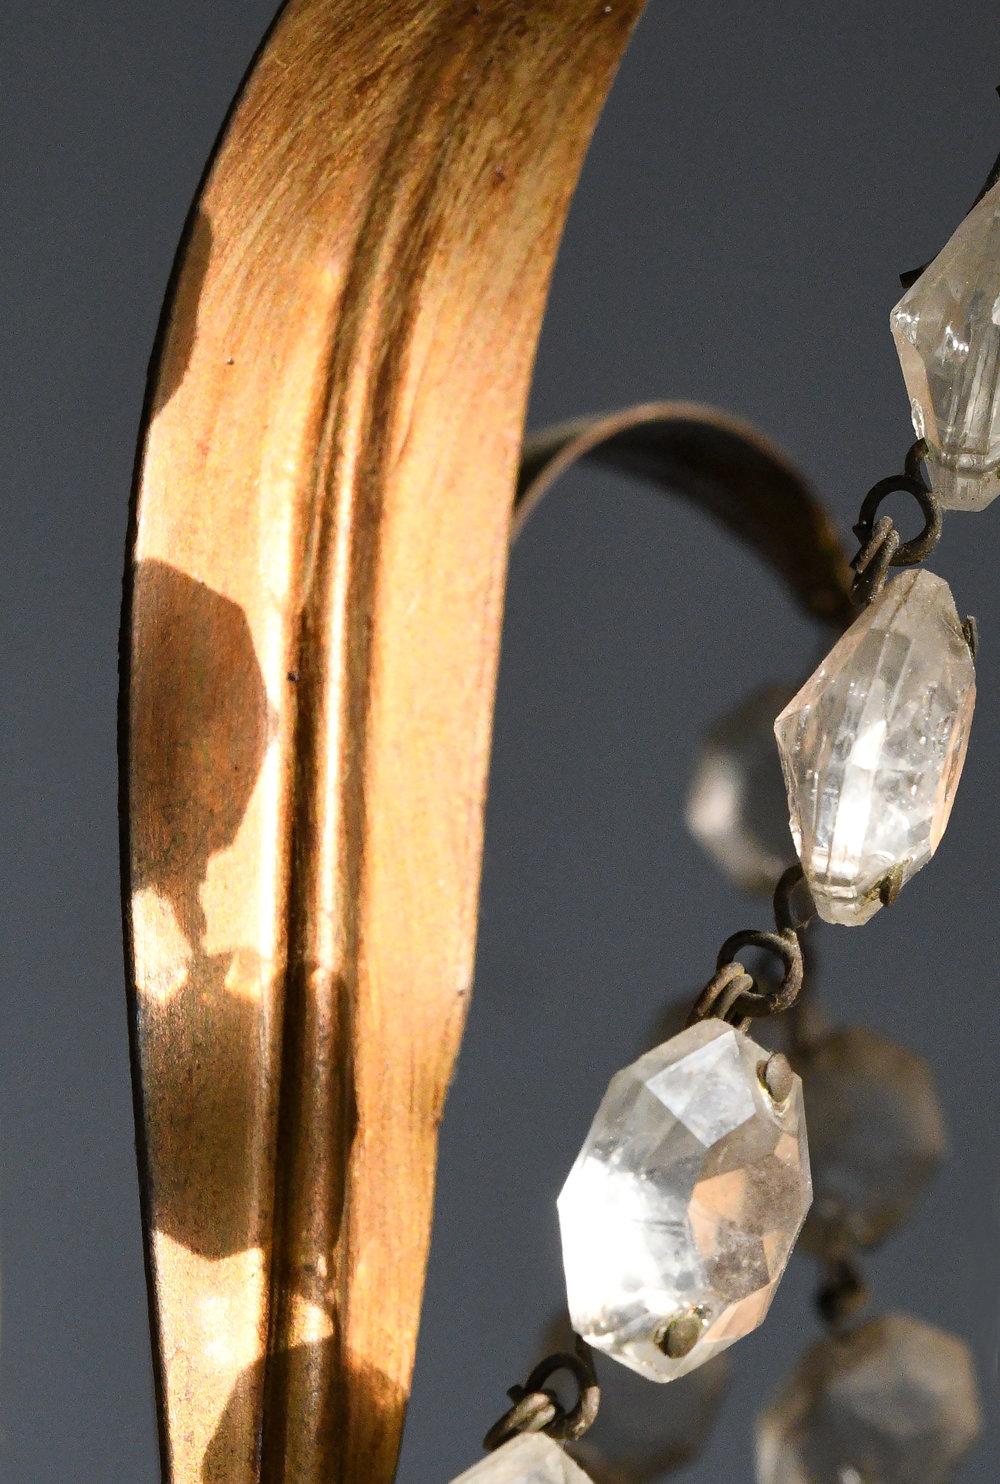 47667-8-light-crystal-chandelier-metal-detail.jpg